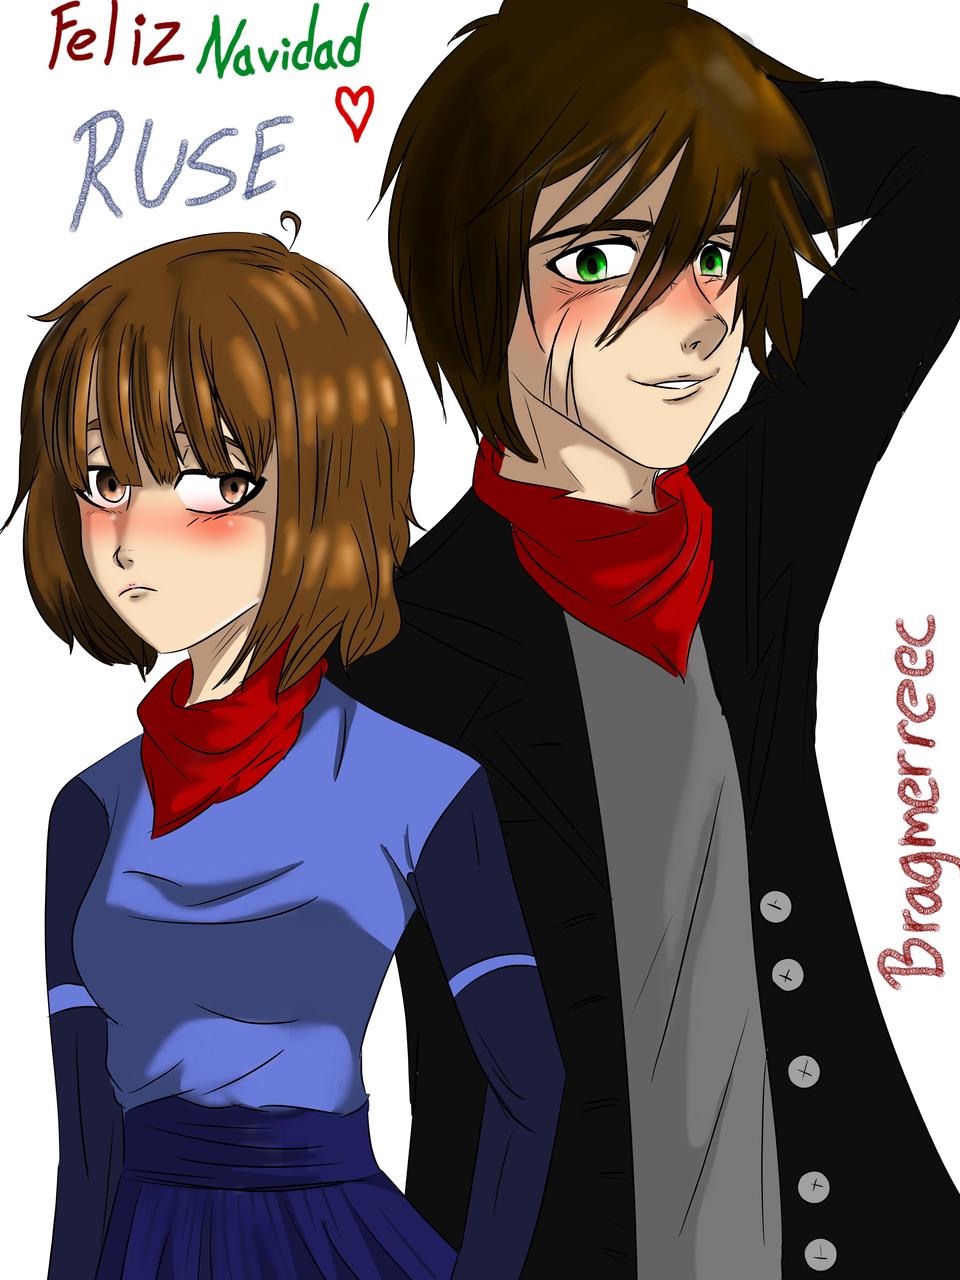 dibujo con RUSE